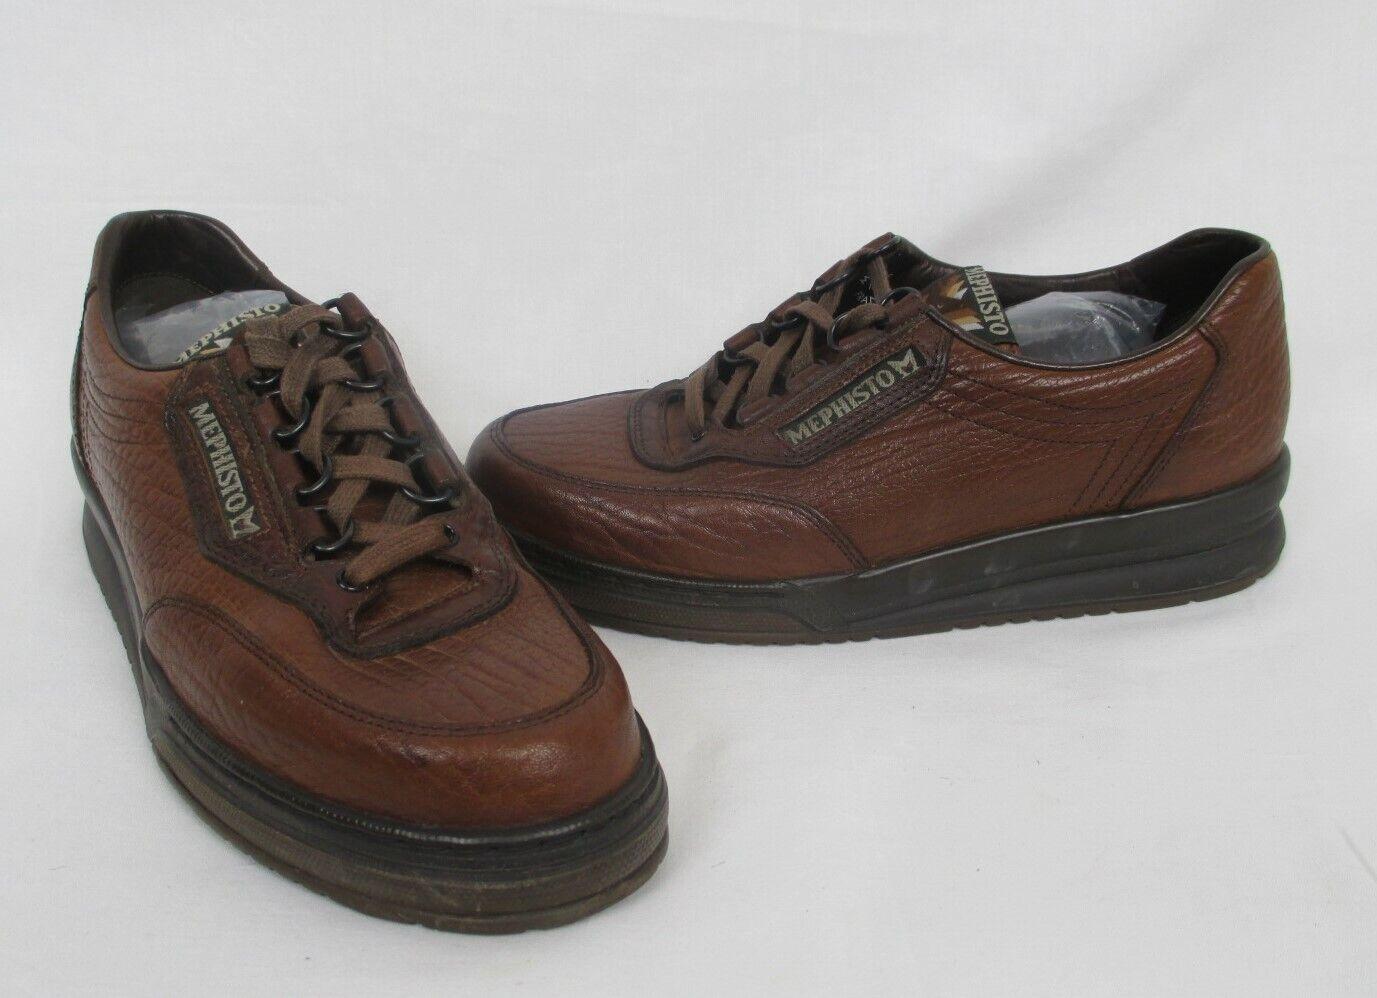 negozio a basso costo MEPHISTO Marrone Pebble Pebble Pebble Grain Leather Lace Sport scarpe US 8 EUR 5.5 France  saldi